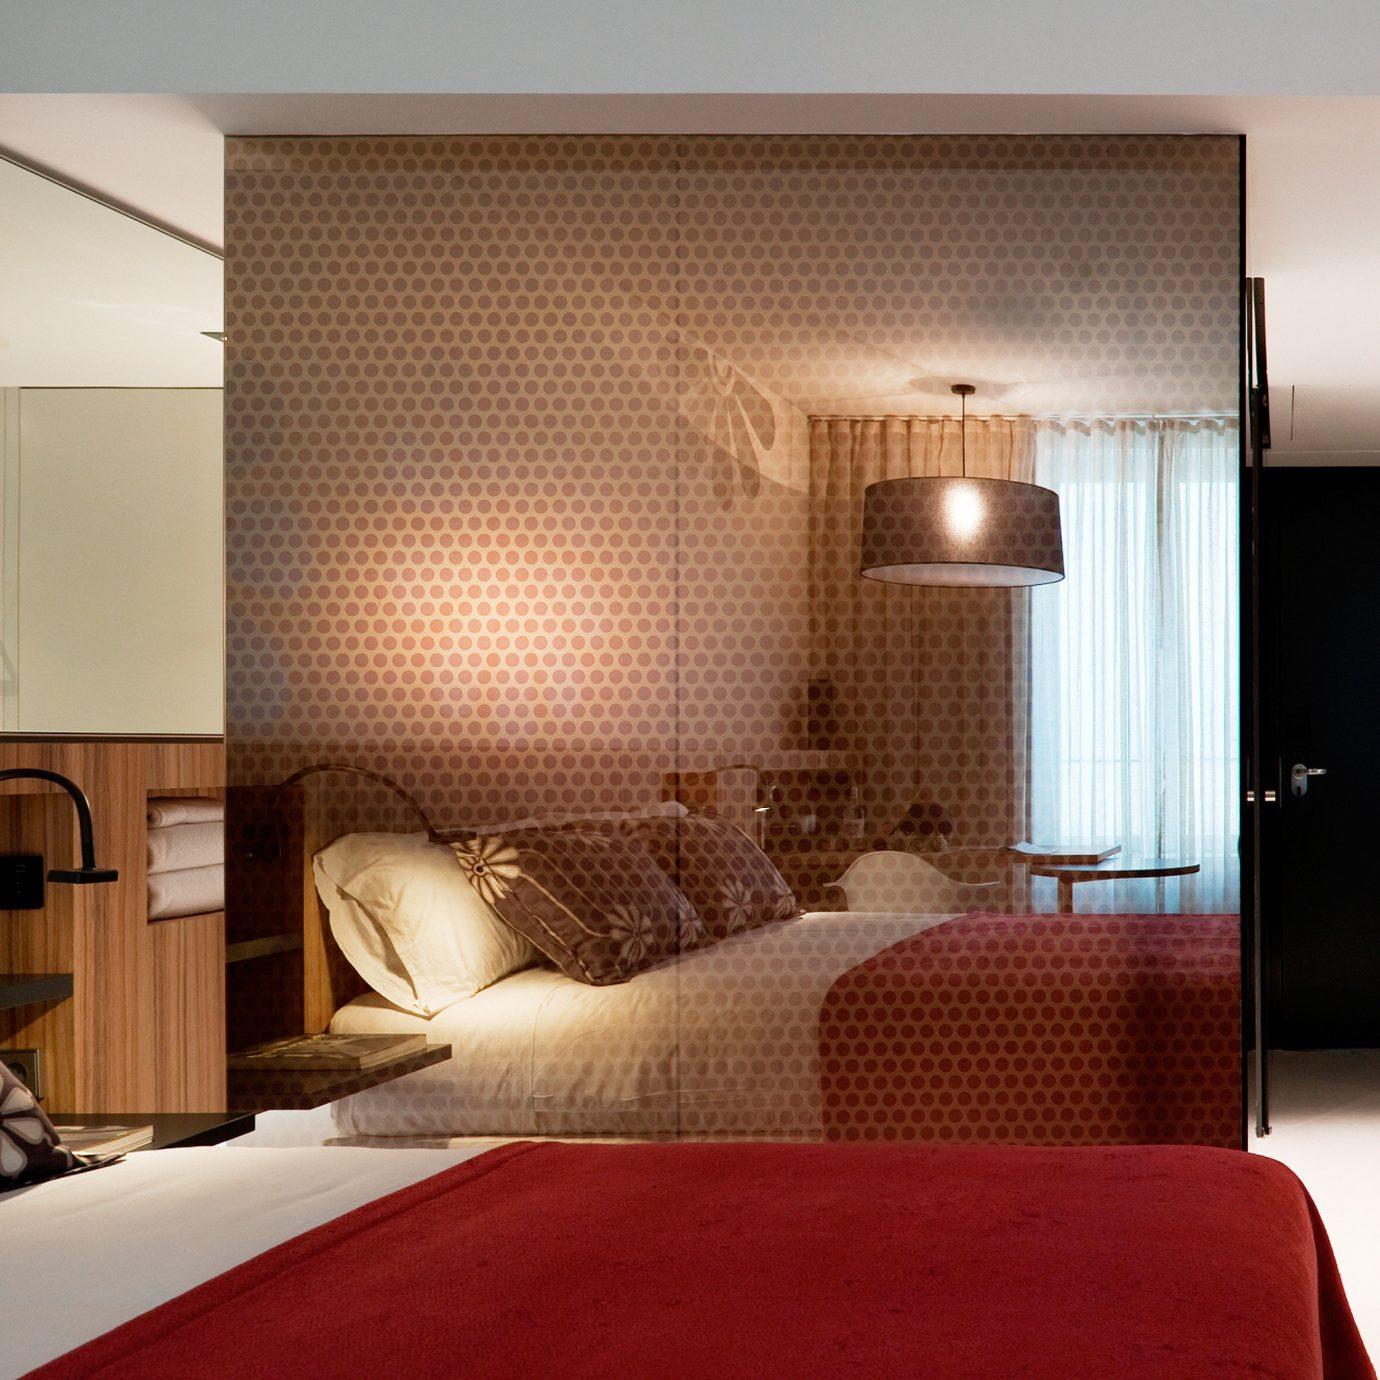 Bedroom Classic Eco sofa property Suite red living room condominium